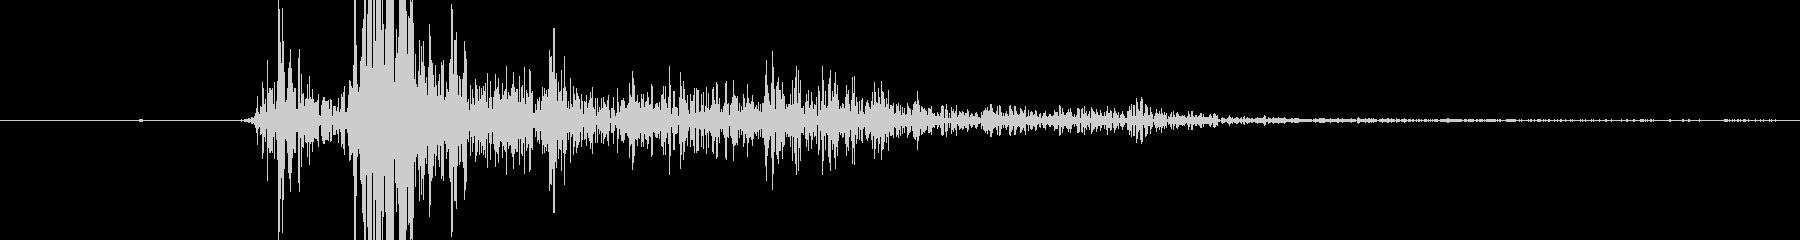 マガジンを挿入する際の音の未再生の波形